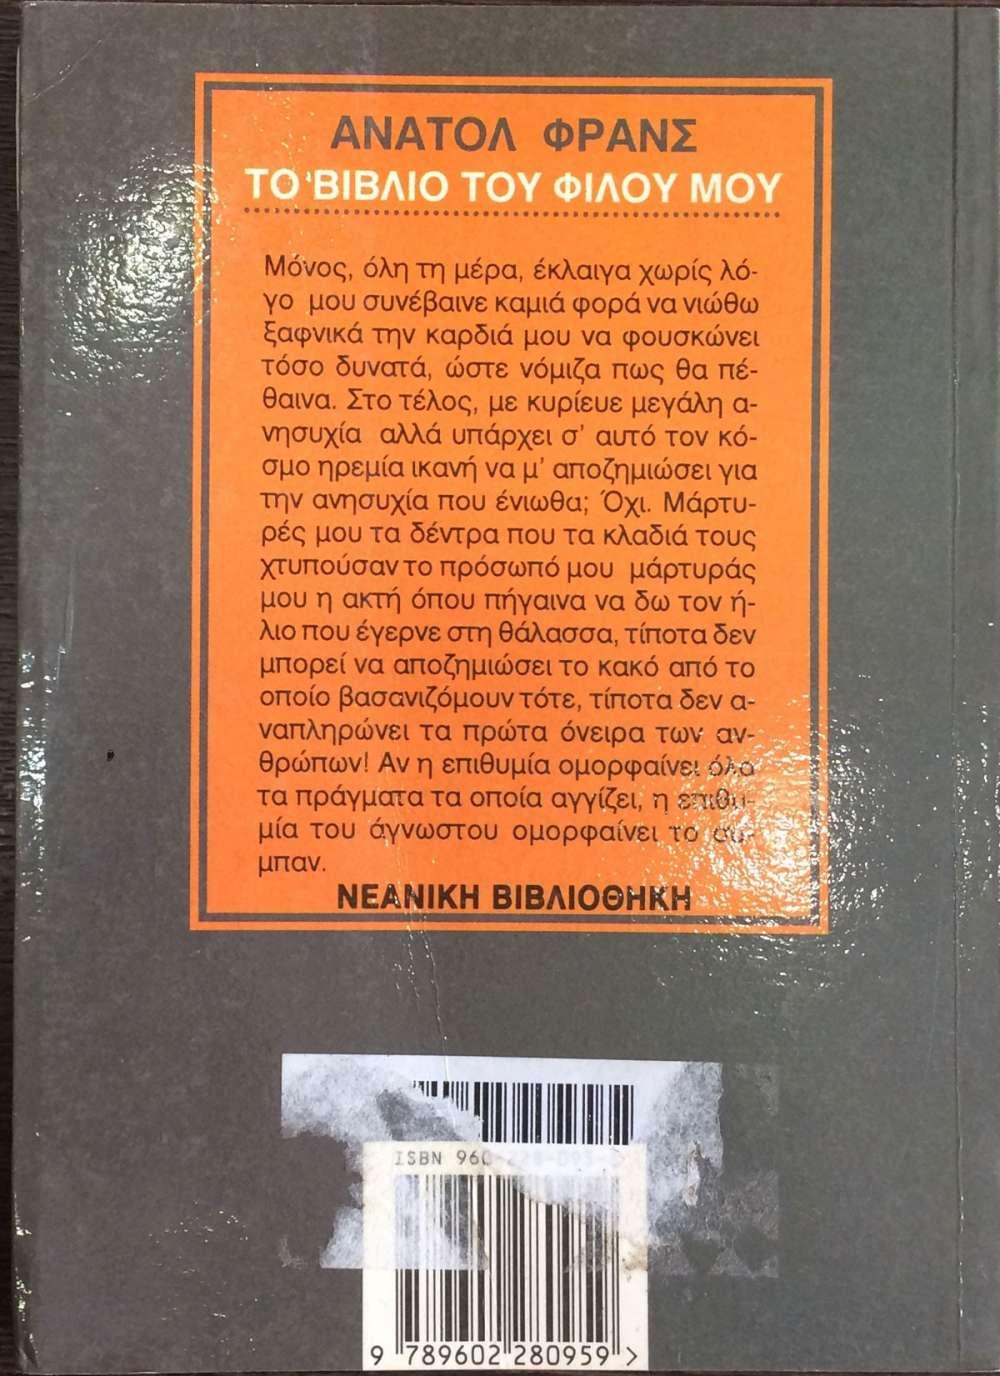 ΤΟ ΒΙΒΛΙΟ ΤΟΥ ΦΙΛΟΥ ΜΟΥ - πίξελbooks e36b7a6bc7c